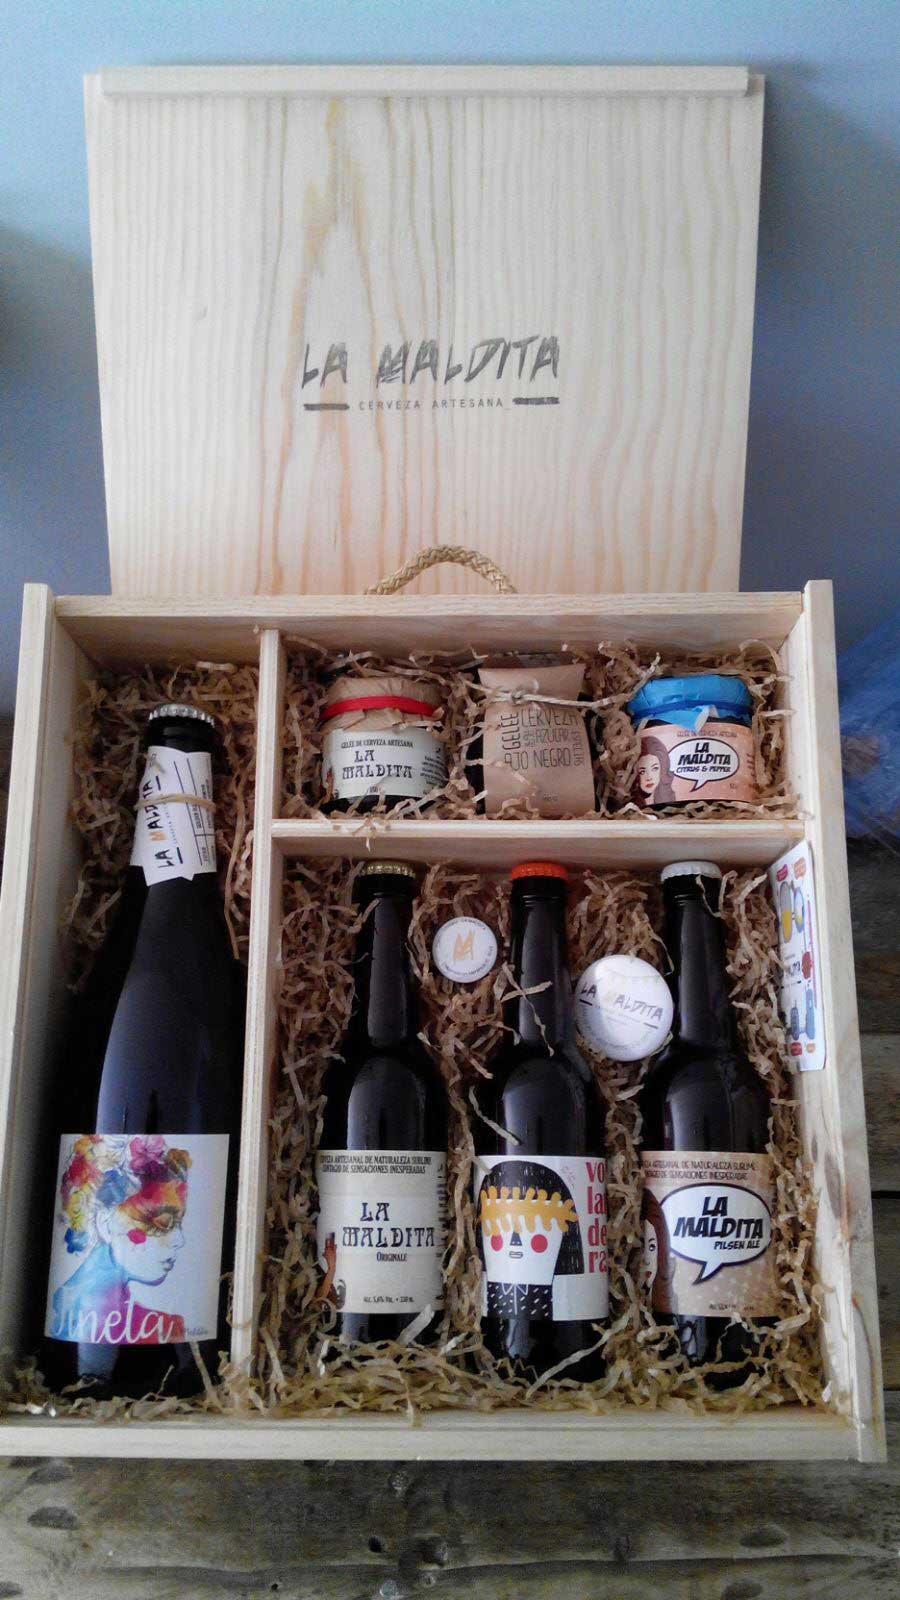 Comprar Cerveza Artesanal y Gelée Artesanal de Cerveza La Maldita. Pack degustación - regalo. Producto Gourmet de Ciudad Real. Delicatessen La Mancha.